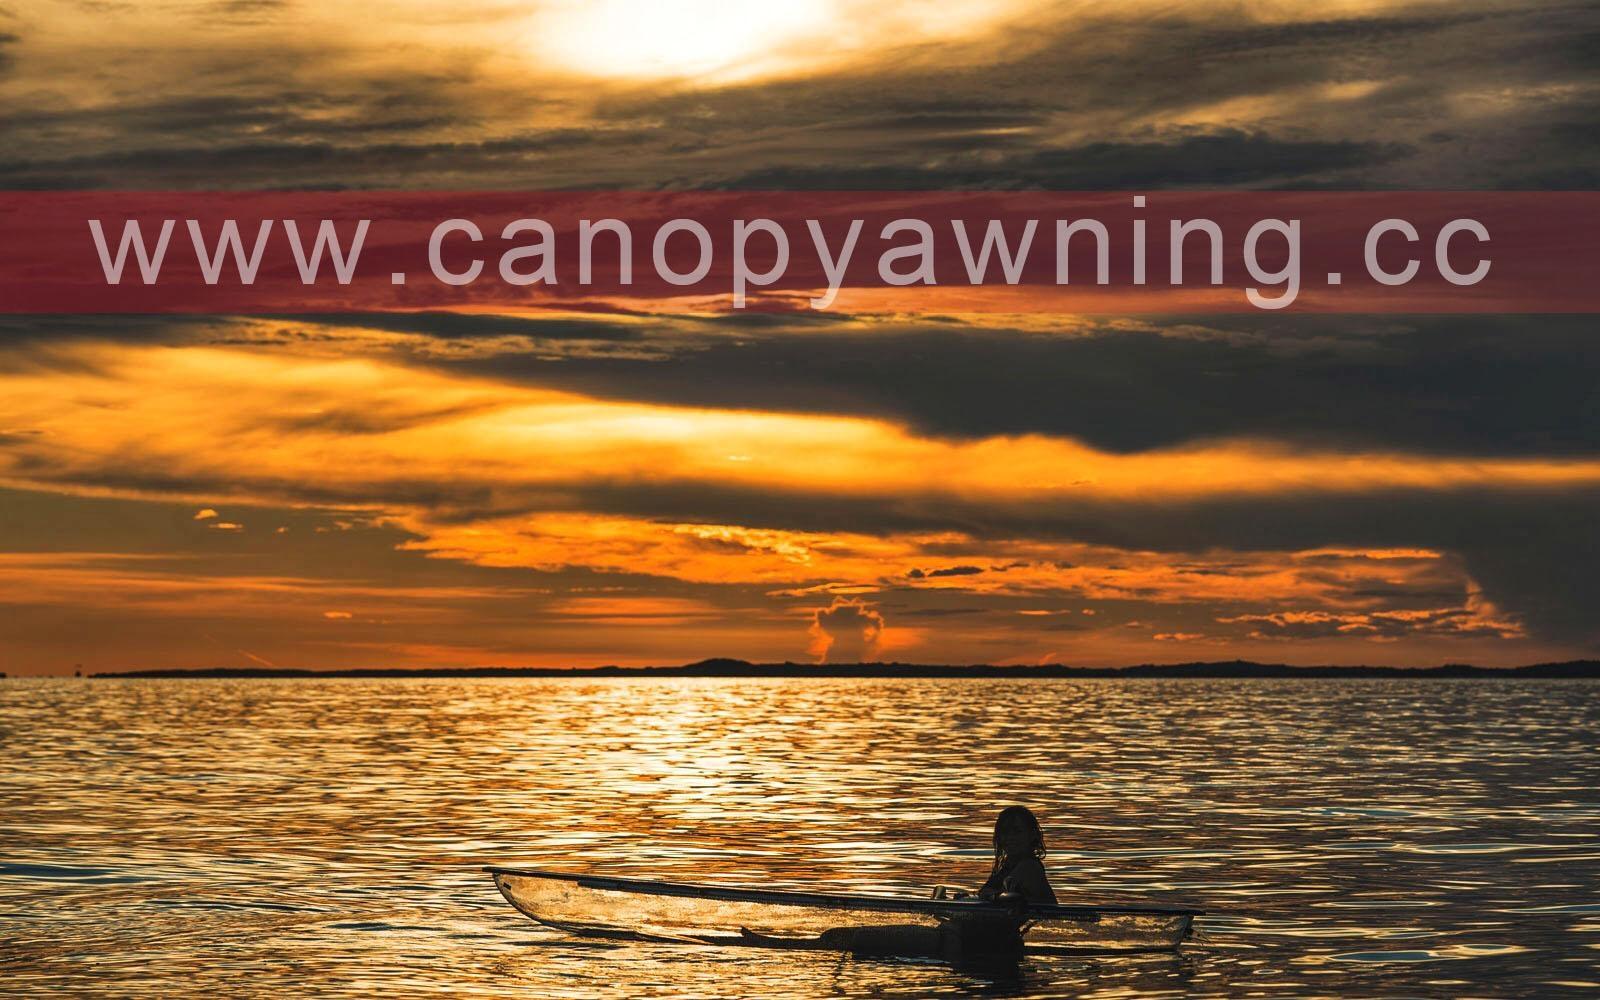 pc kayak/polycarbonate kayak/clear kayak/transparent kayak